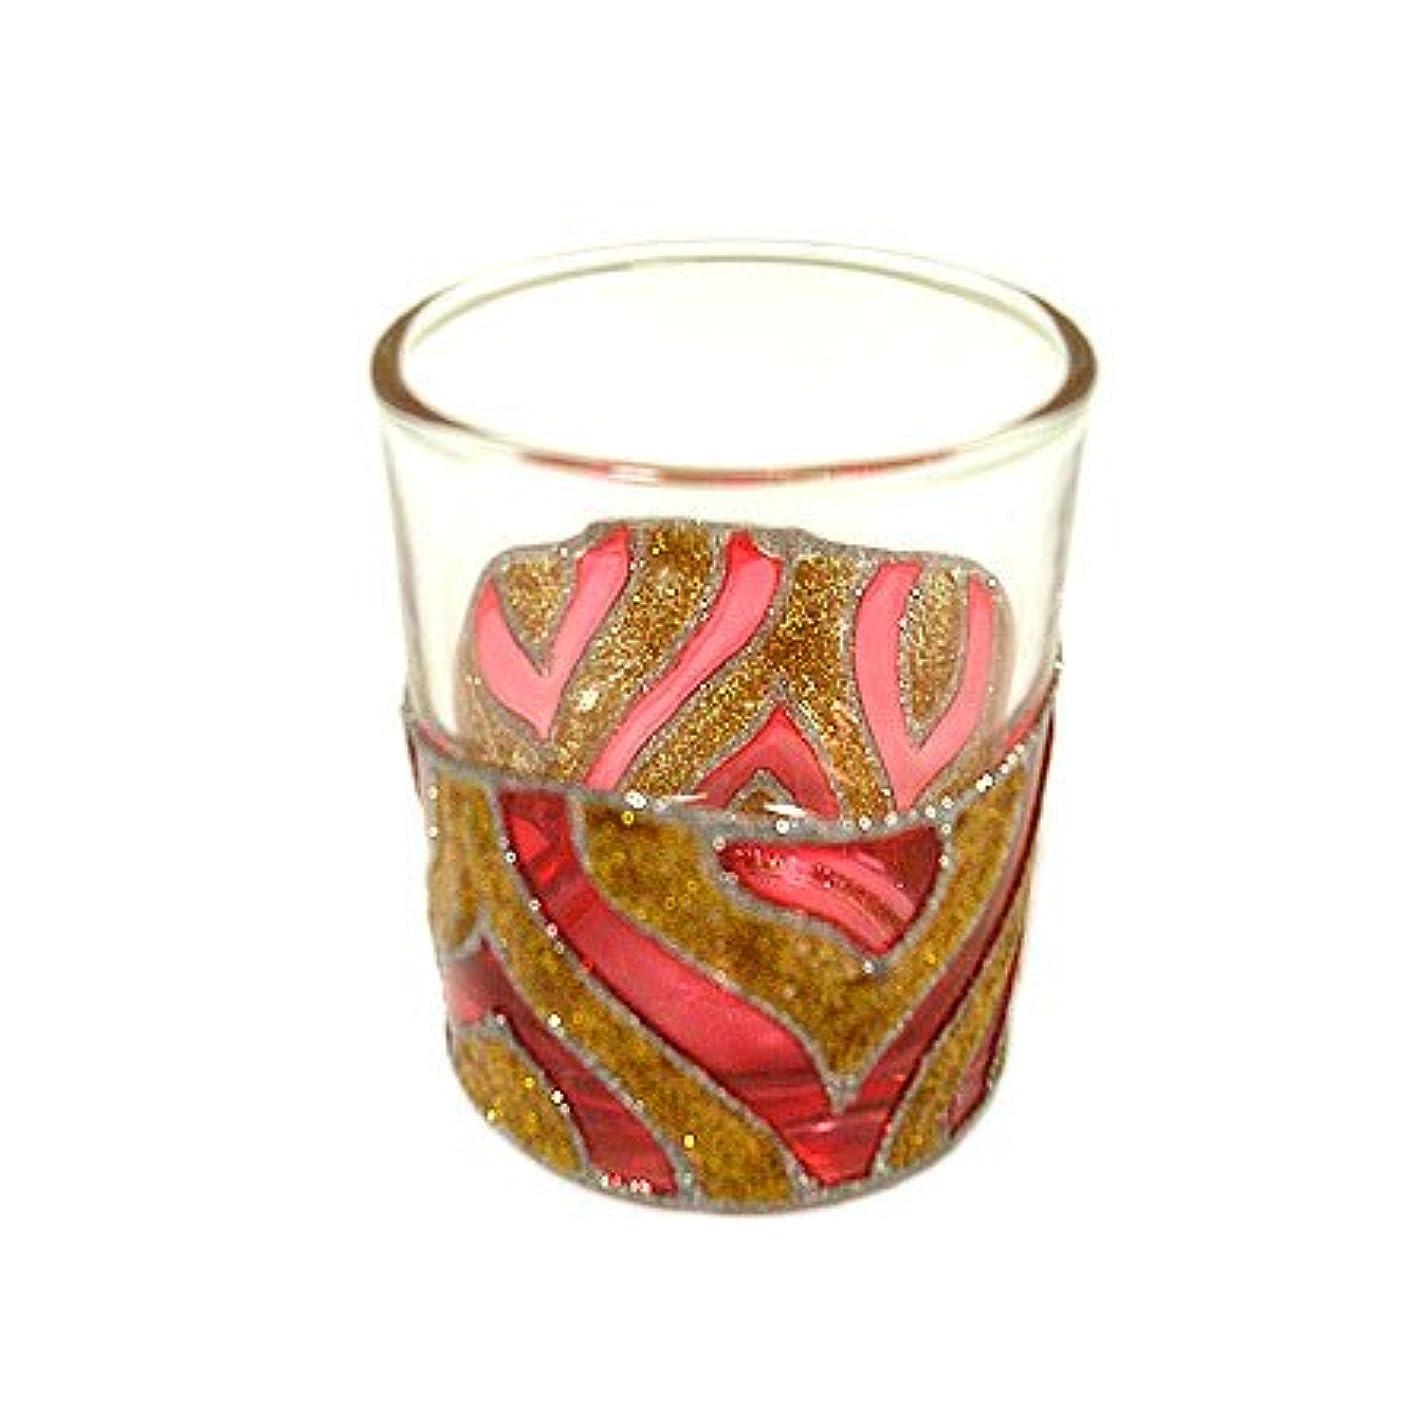 ダウンタウンオーケストラ落ち込んでいるアジアン キャンドルホルダー カップ グラス 花柄 ゴールドレッド アジアン雑貨